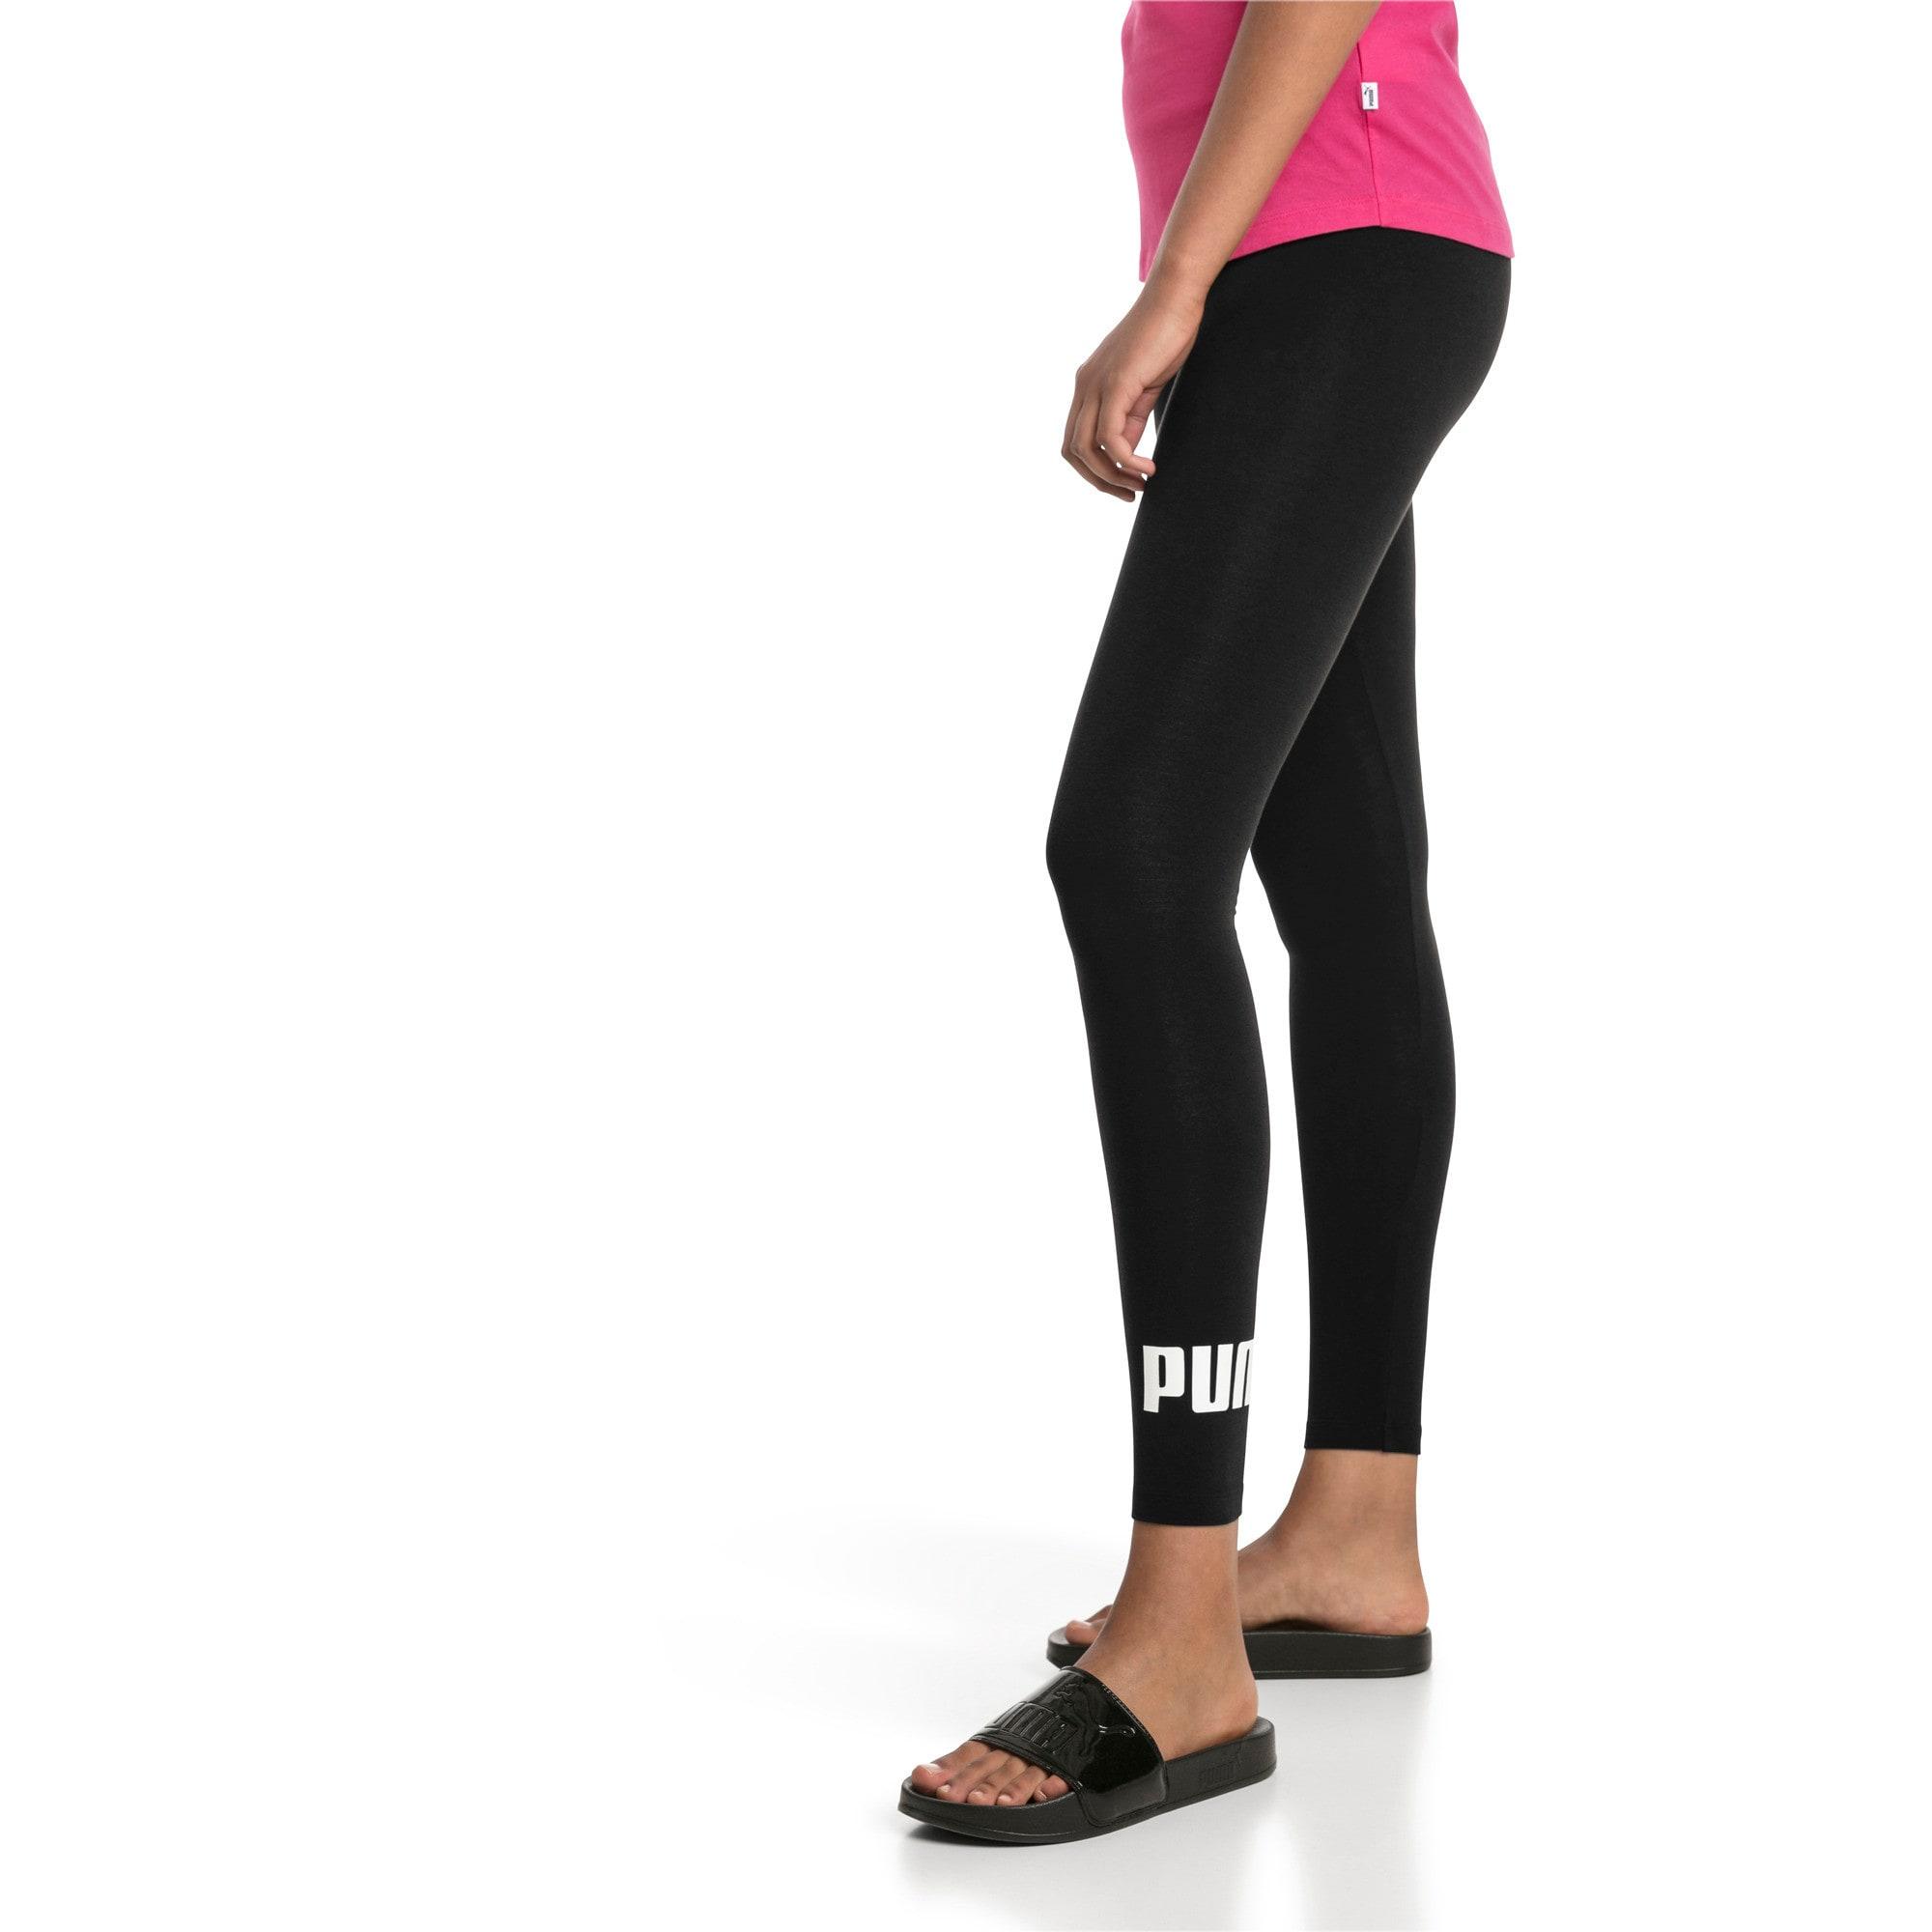 Thumbnail 1 of Women's Essentials Logo Leggings, Cotton Black, medium